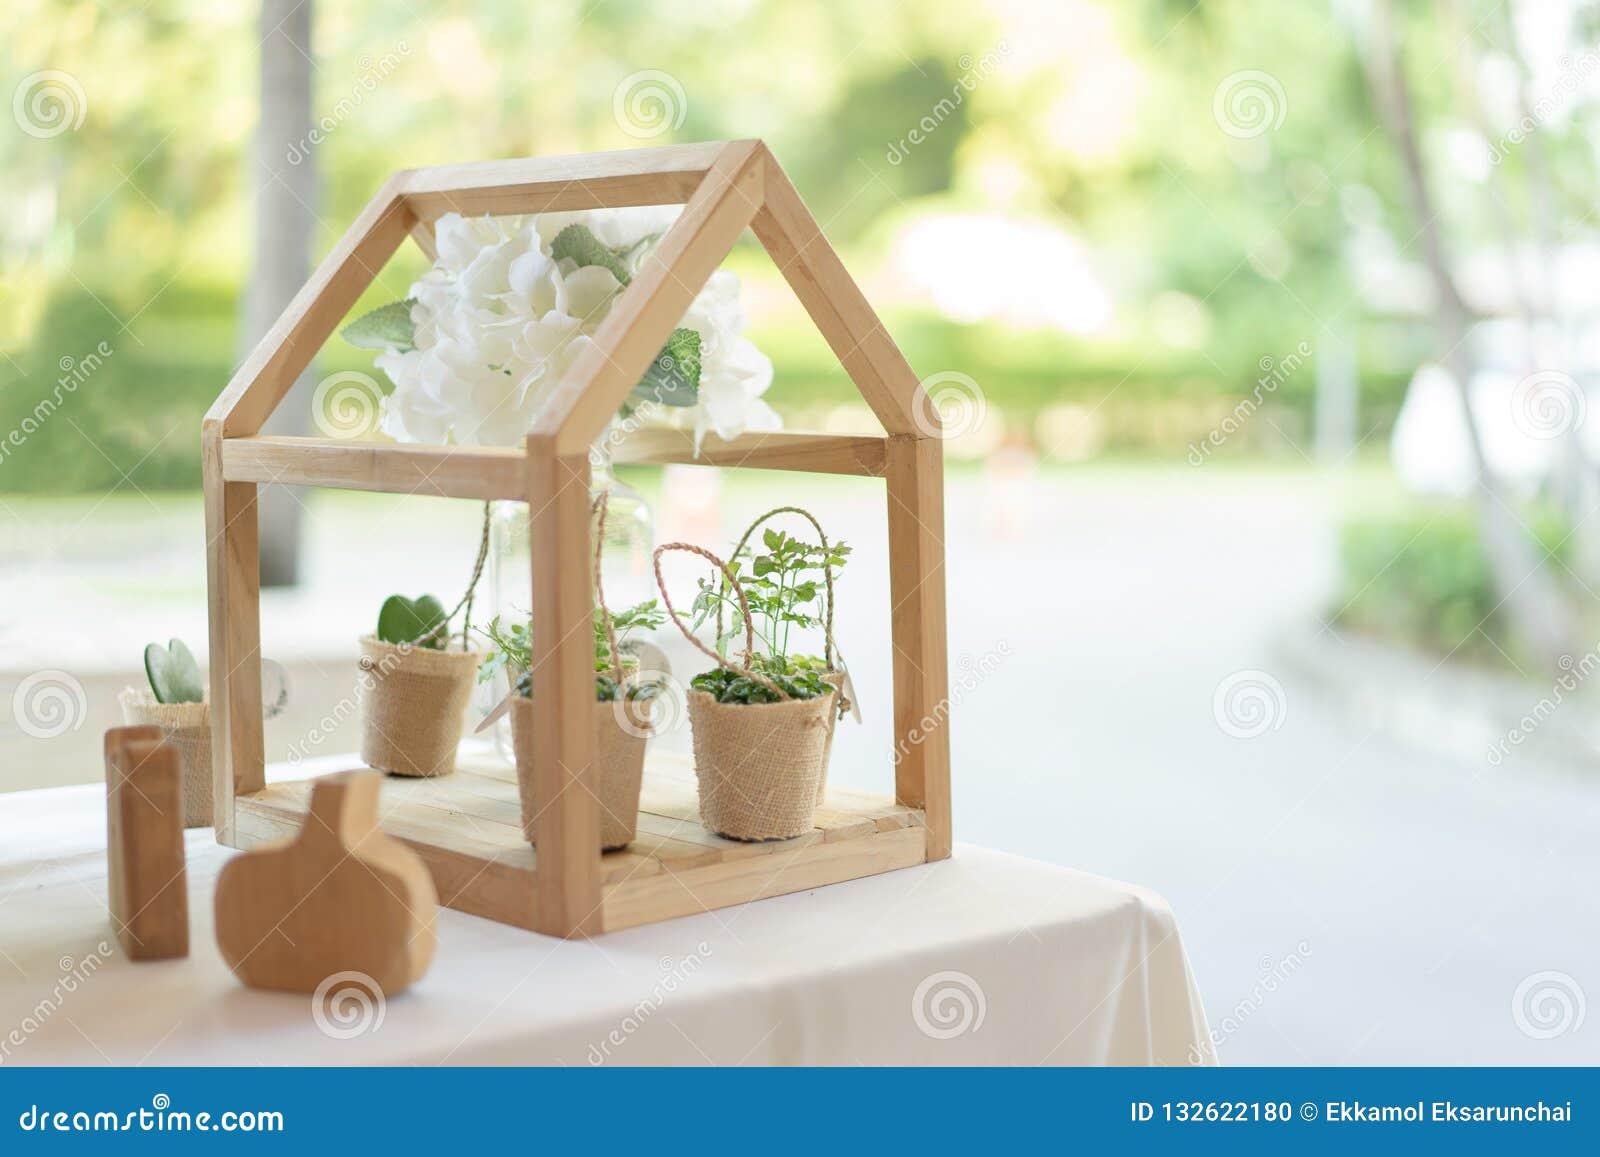 Decoration Petit Pot De Fleur petit pot d'arbre dans le sac avec la mini maison en bois